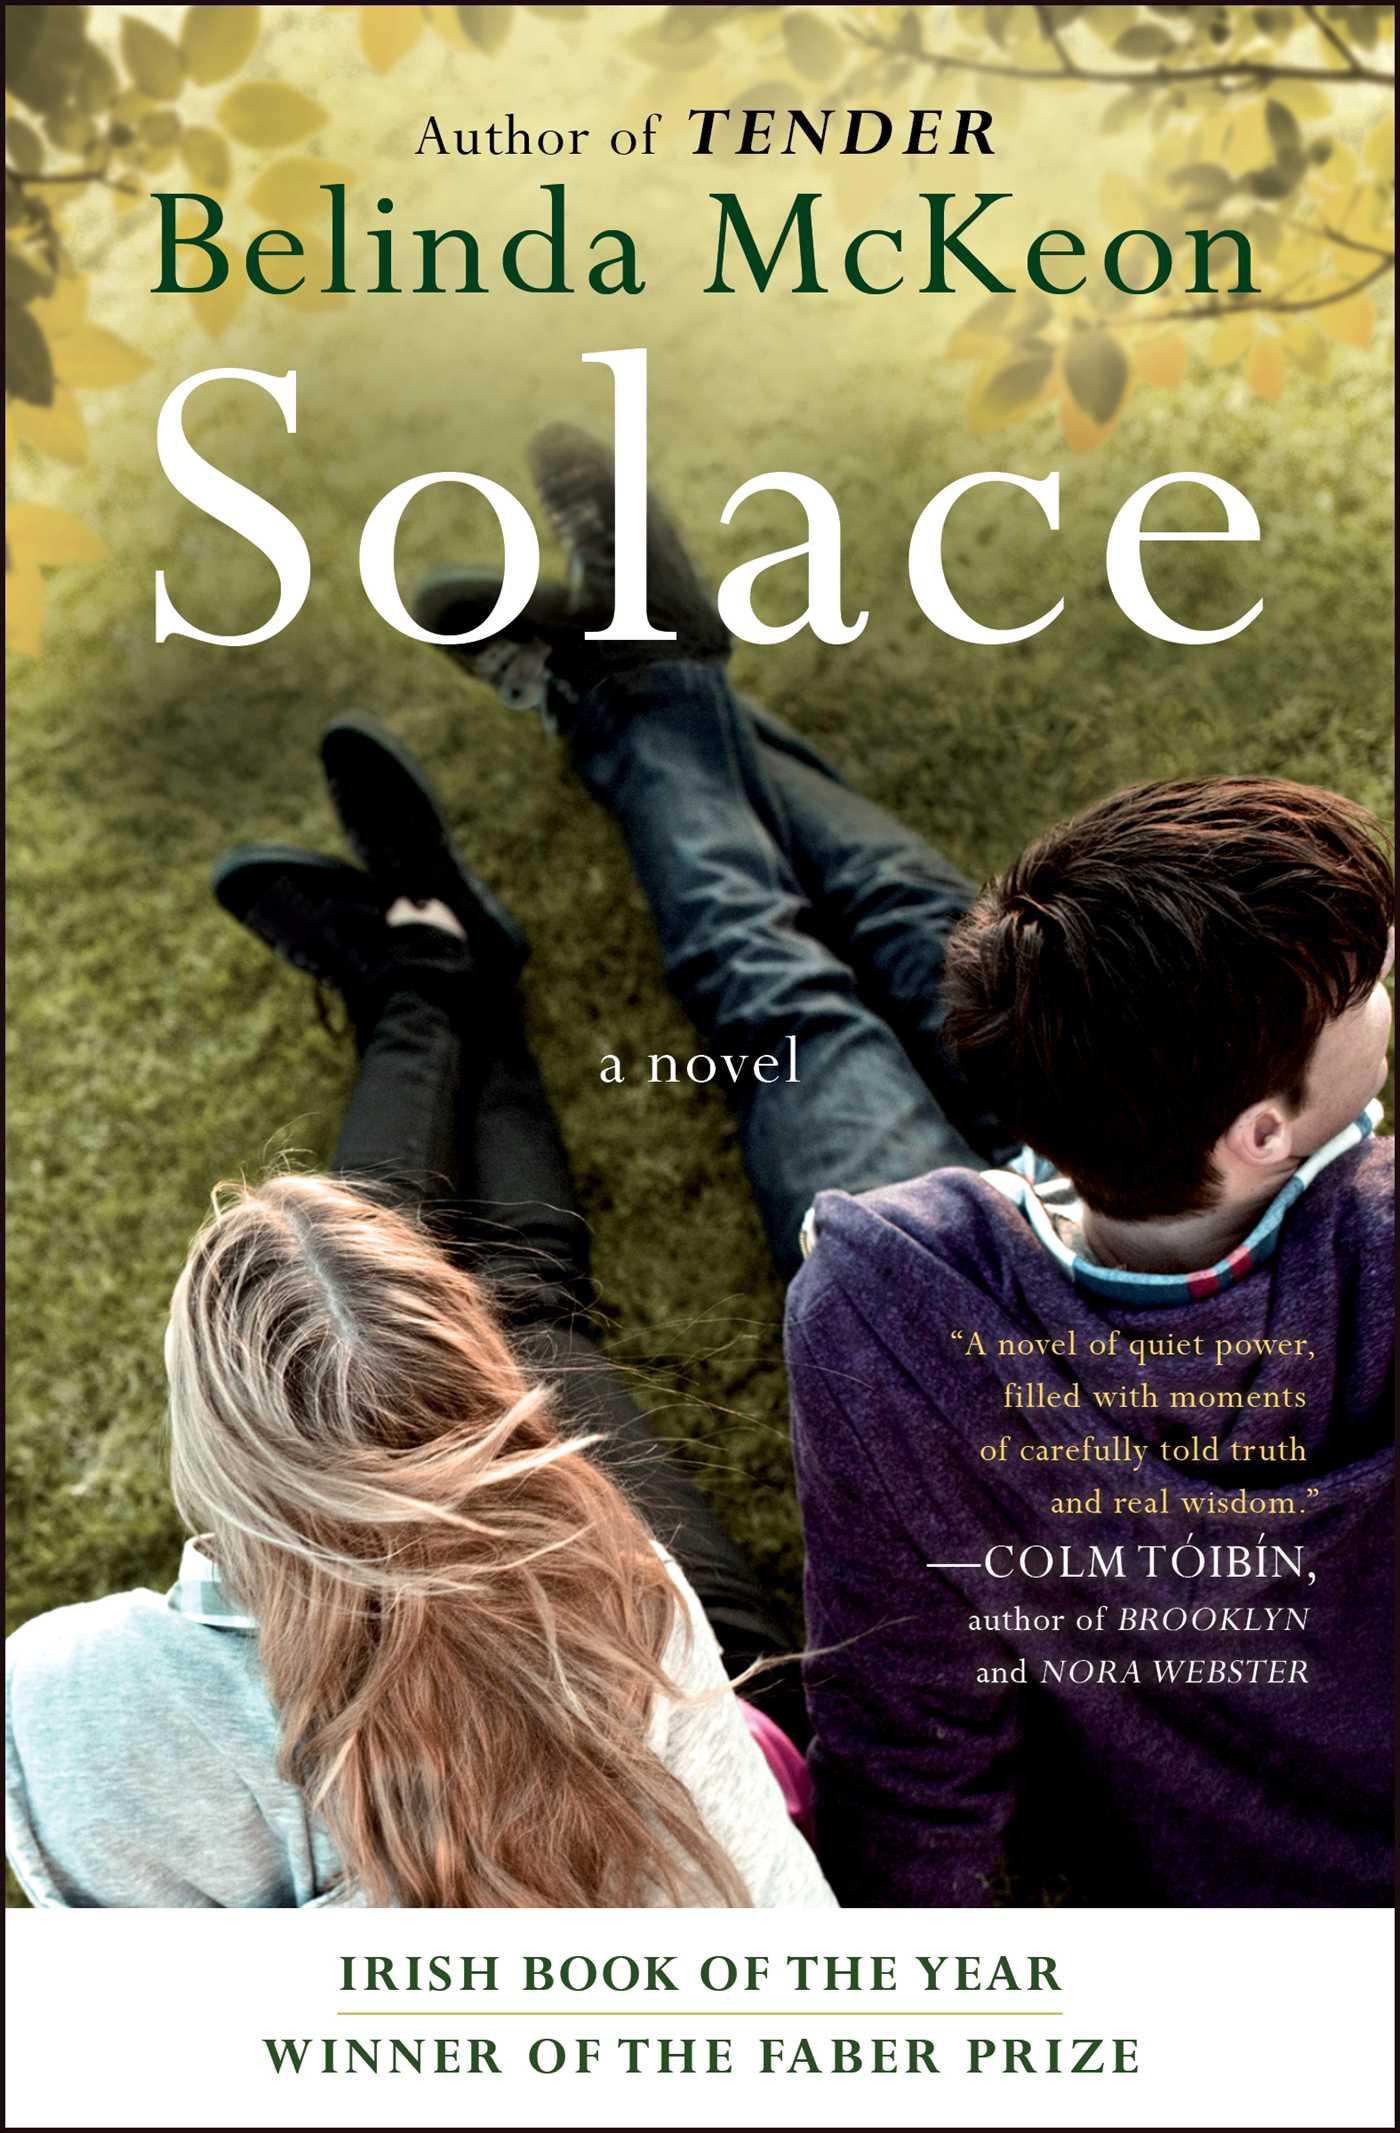 Solace 9781451614251 hr